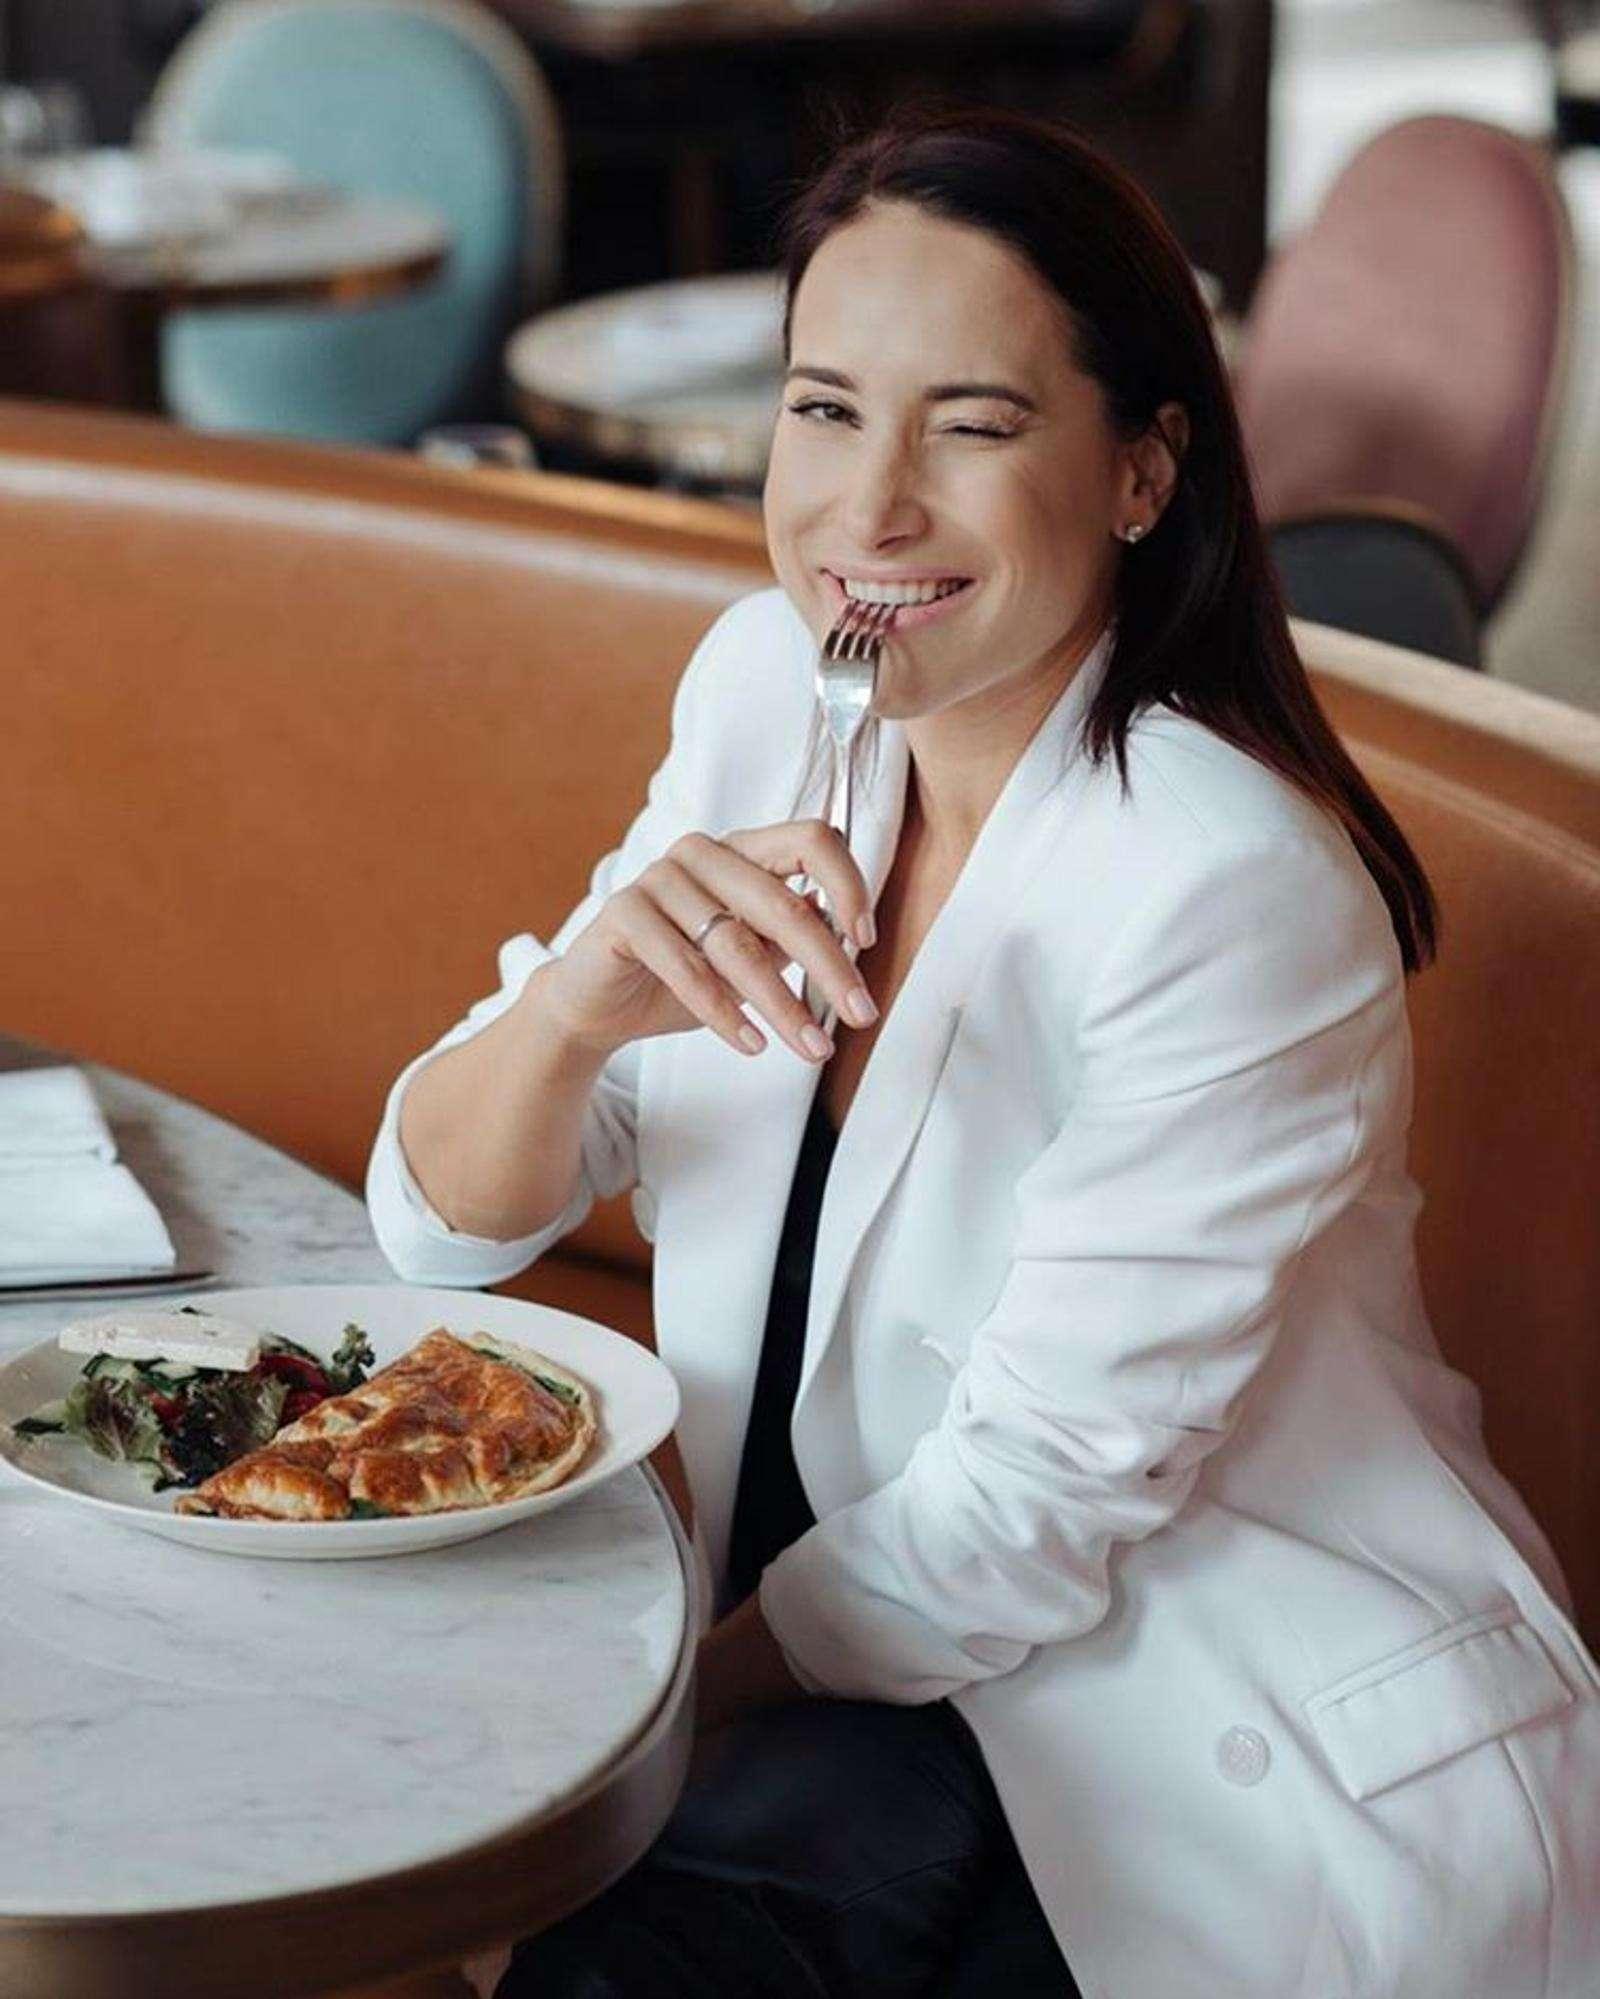 Не самый вредный рецепт: Мария Кравцова рассказала, как готовить пахлаву